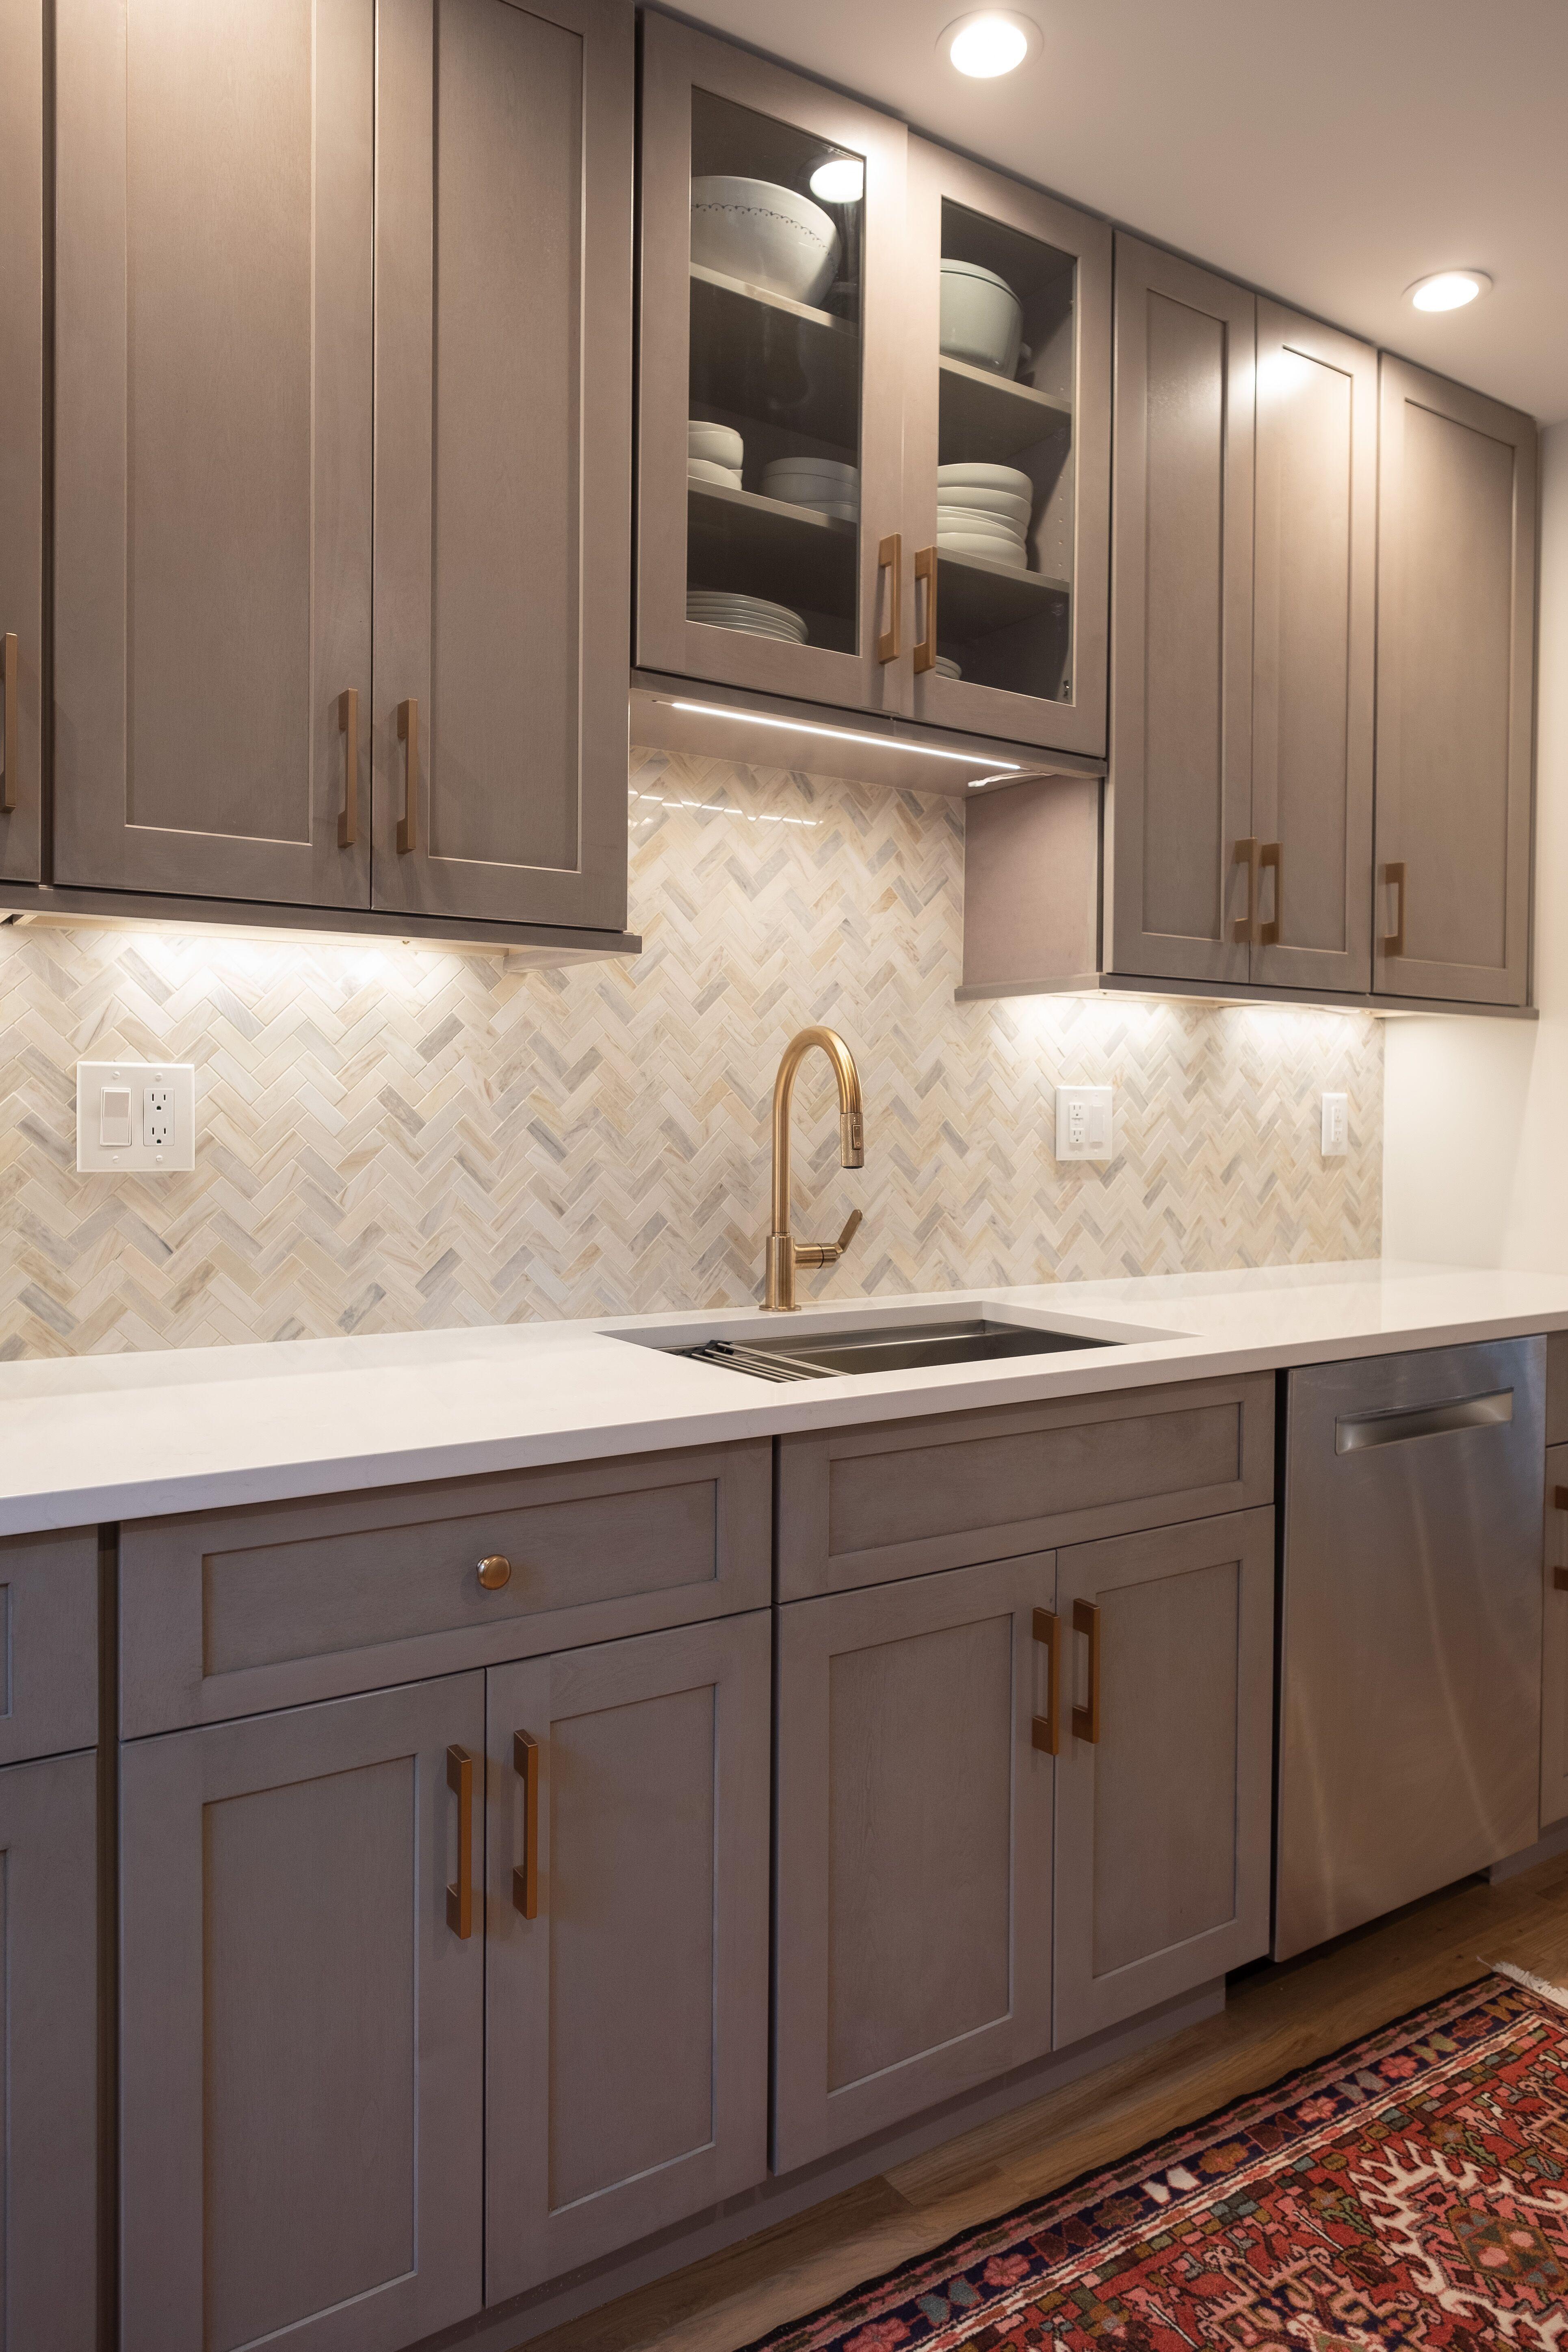 Horizon Cabinet Doors 2021 in 2020 | Grey shaker kitchen ...